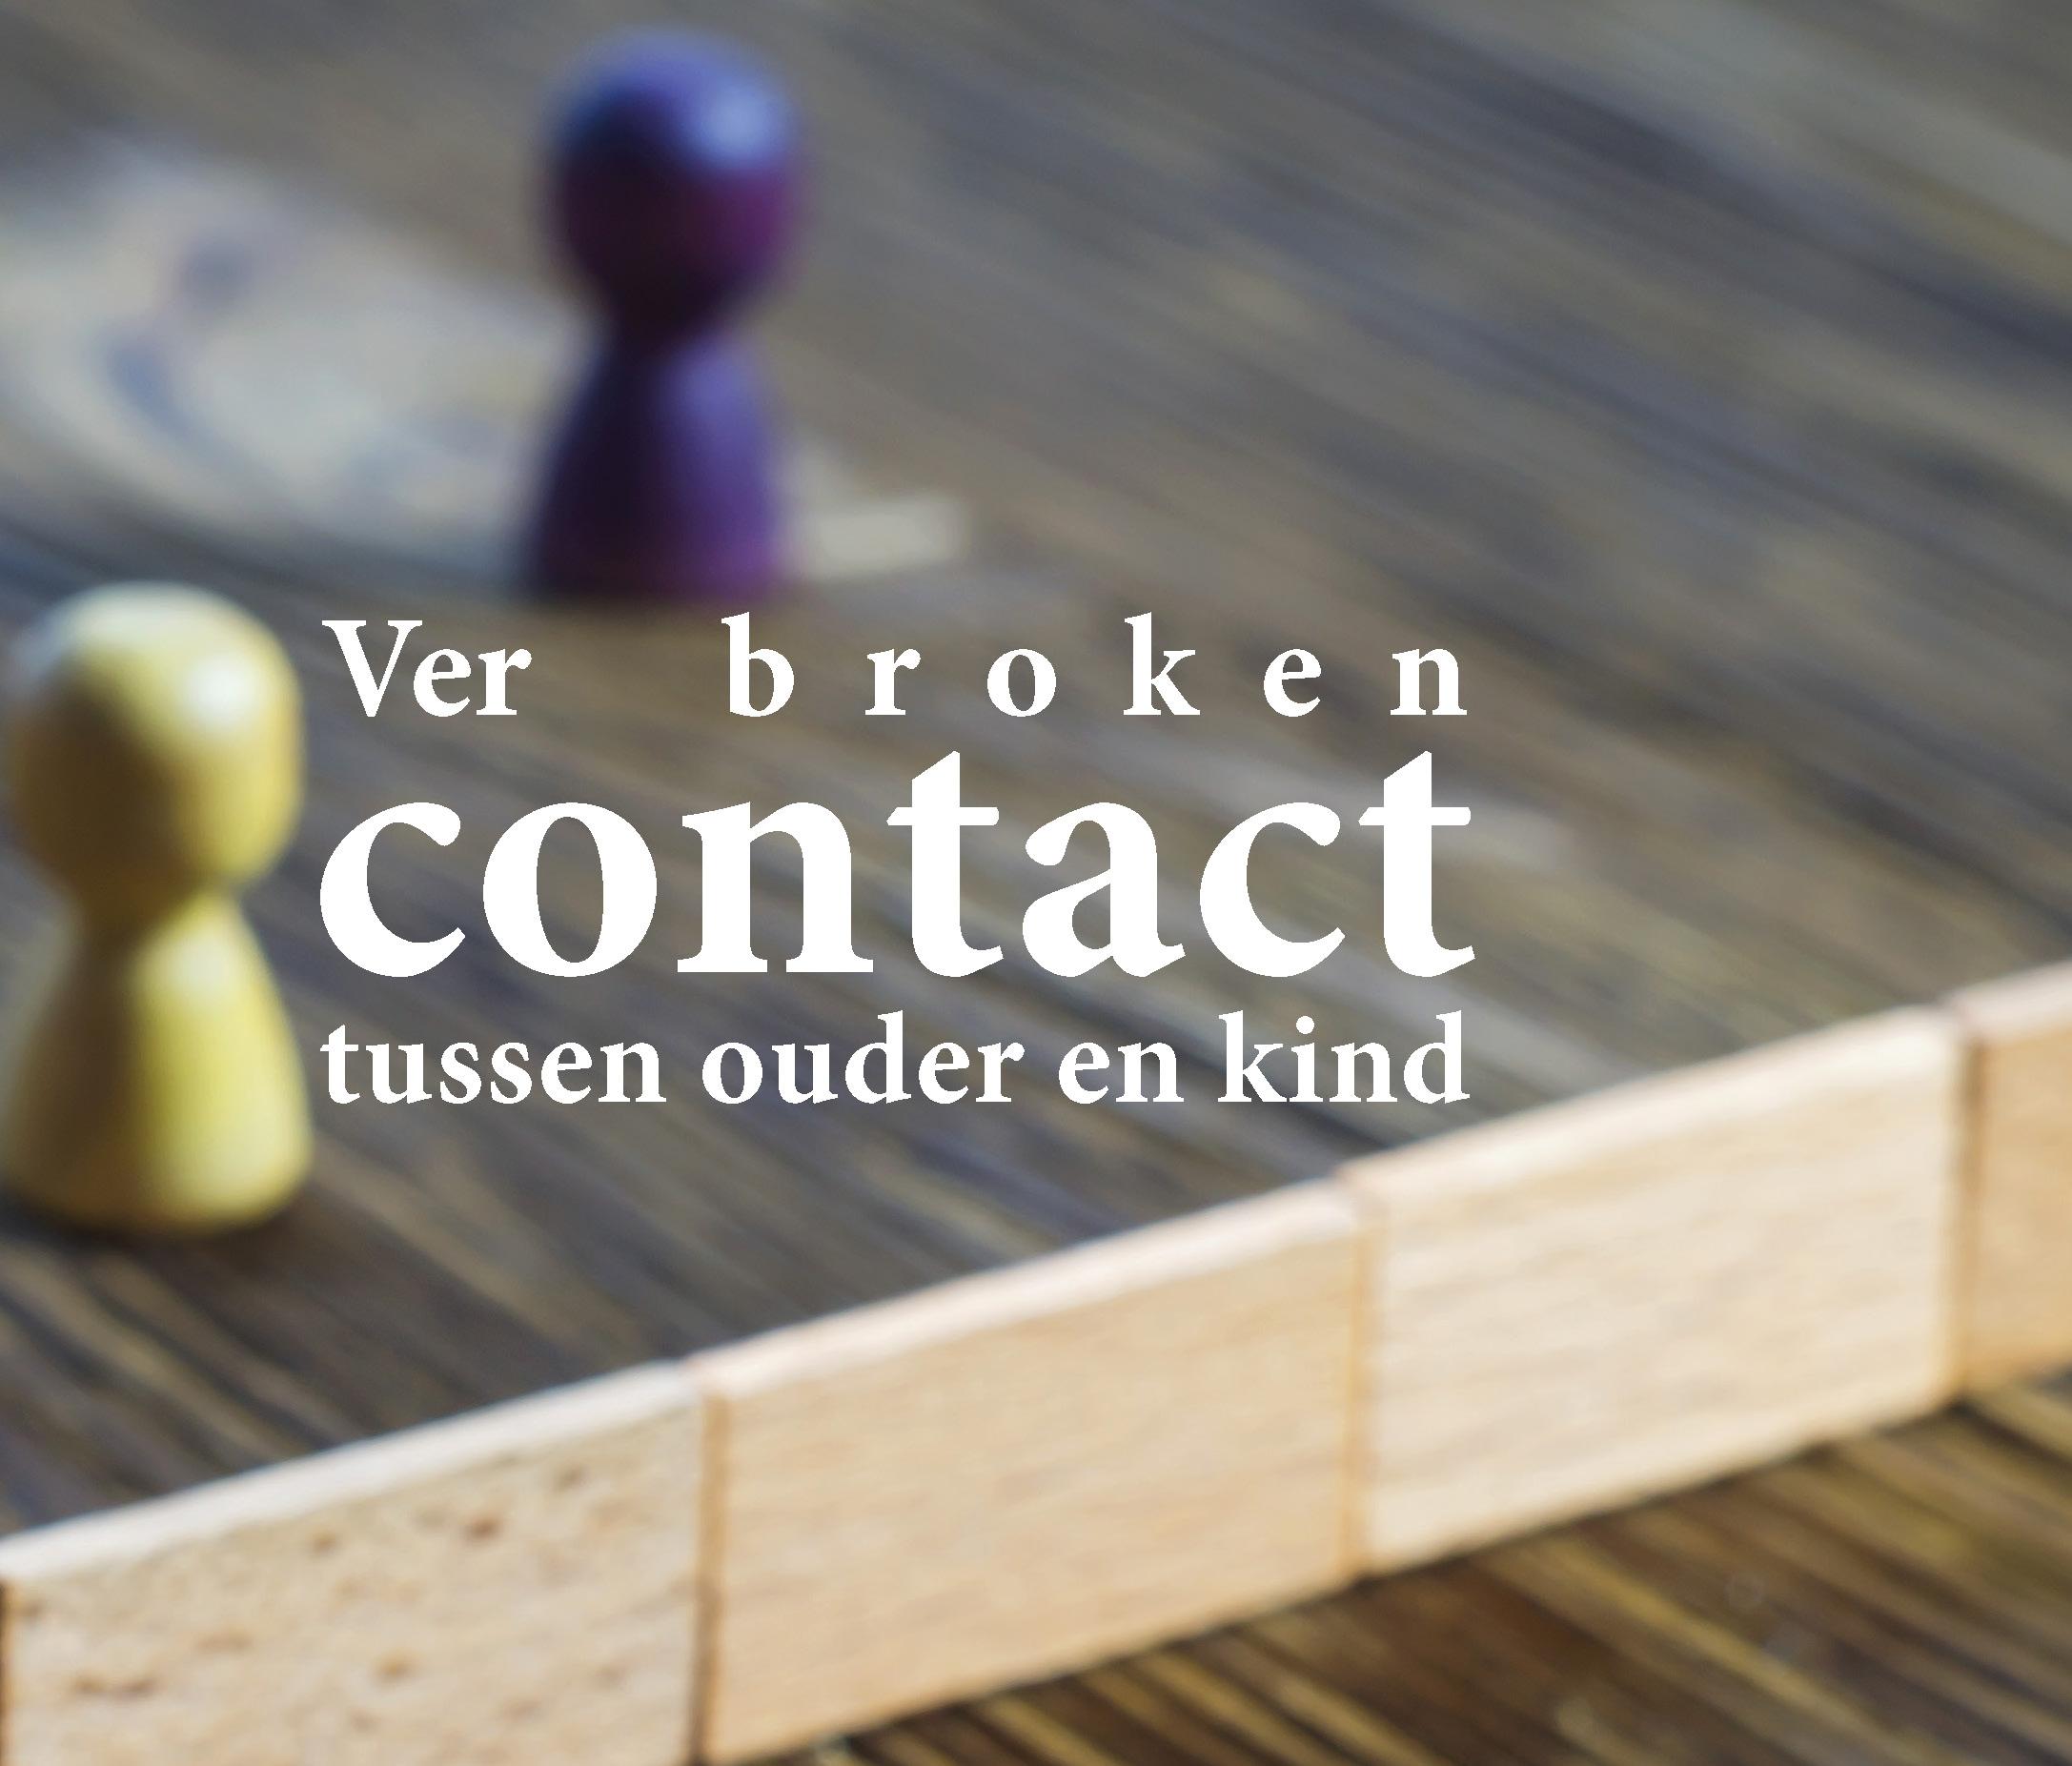 Boek over verbroken contact